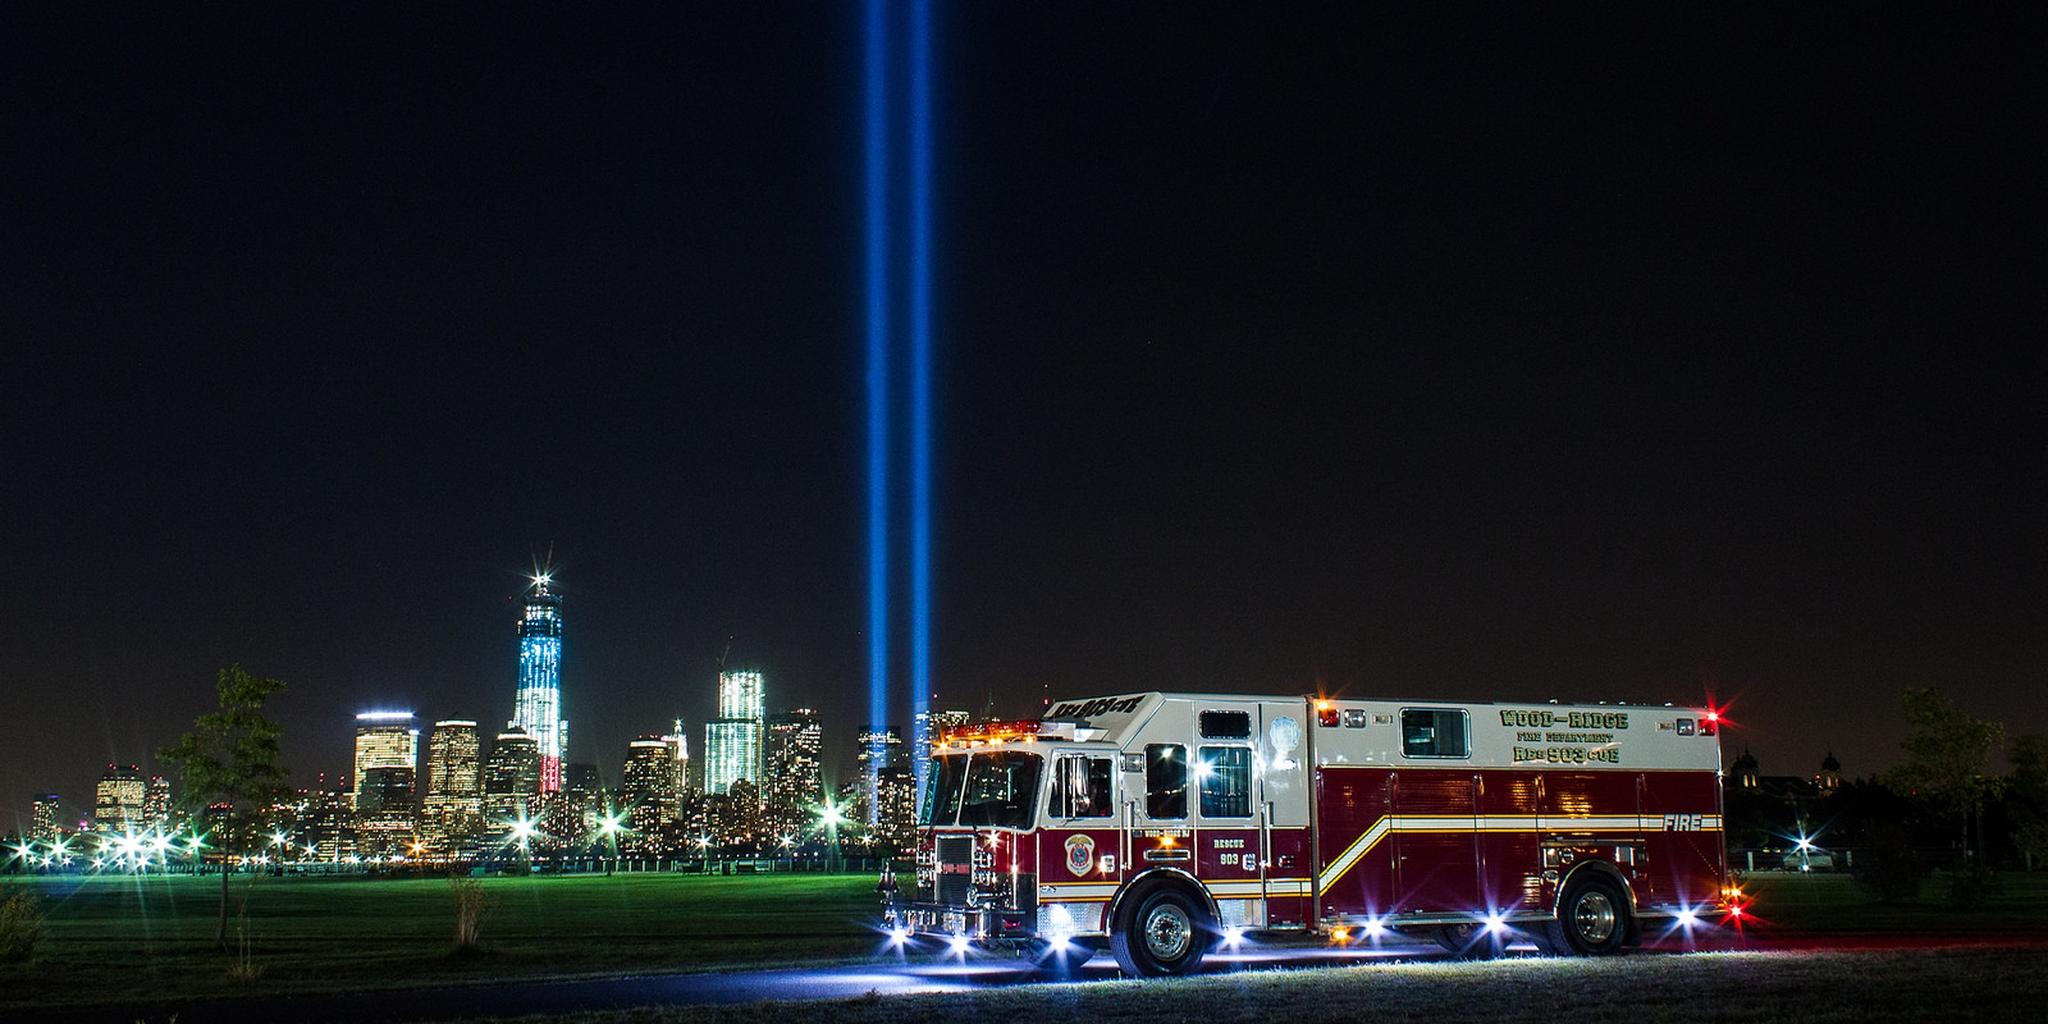 Firetruck in Front of 9/11 Memorial